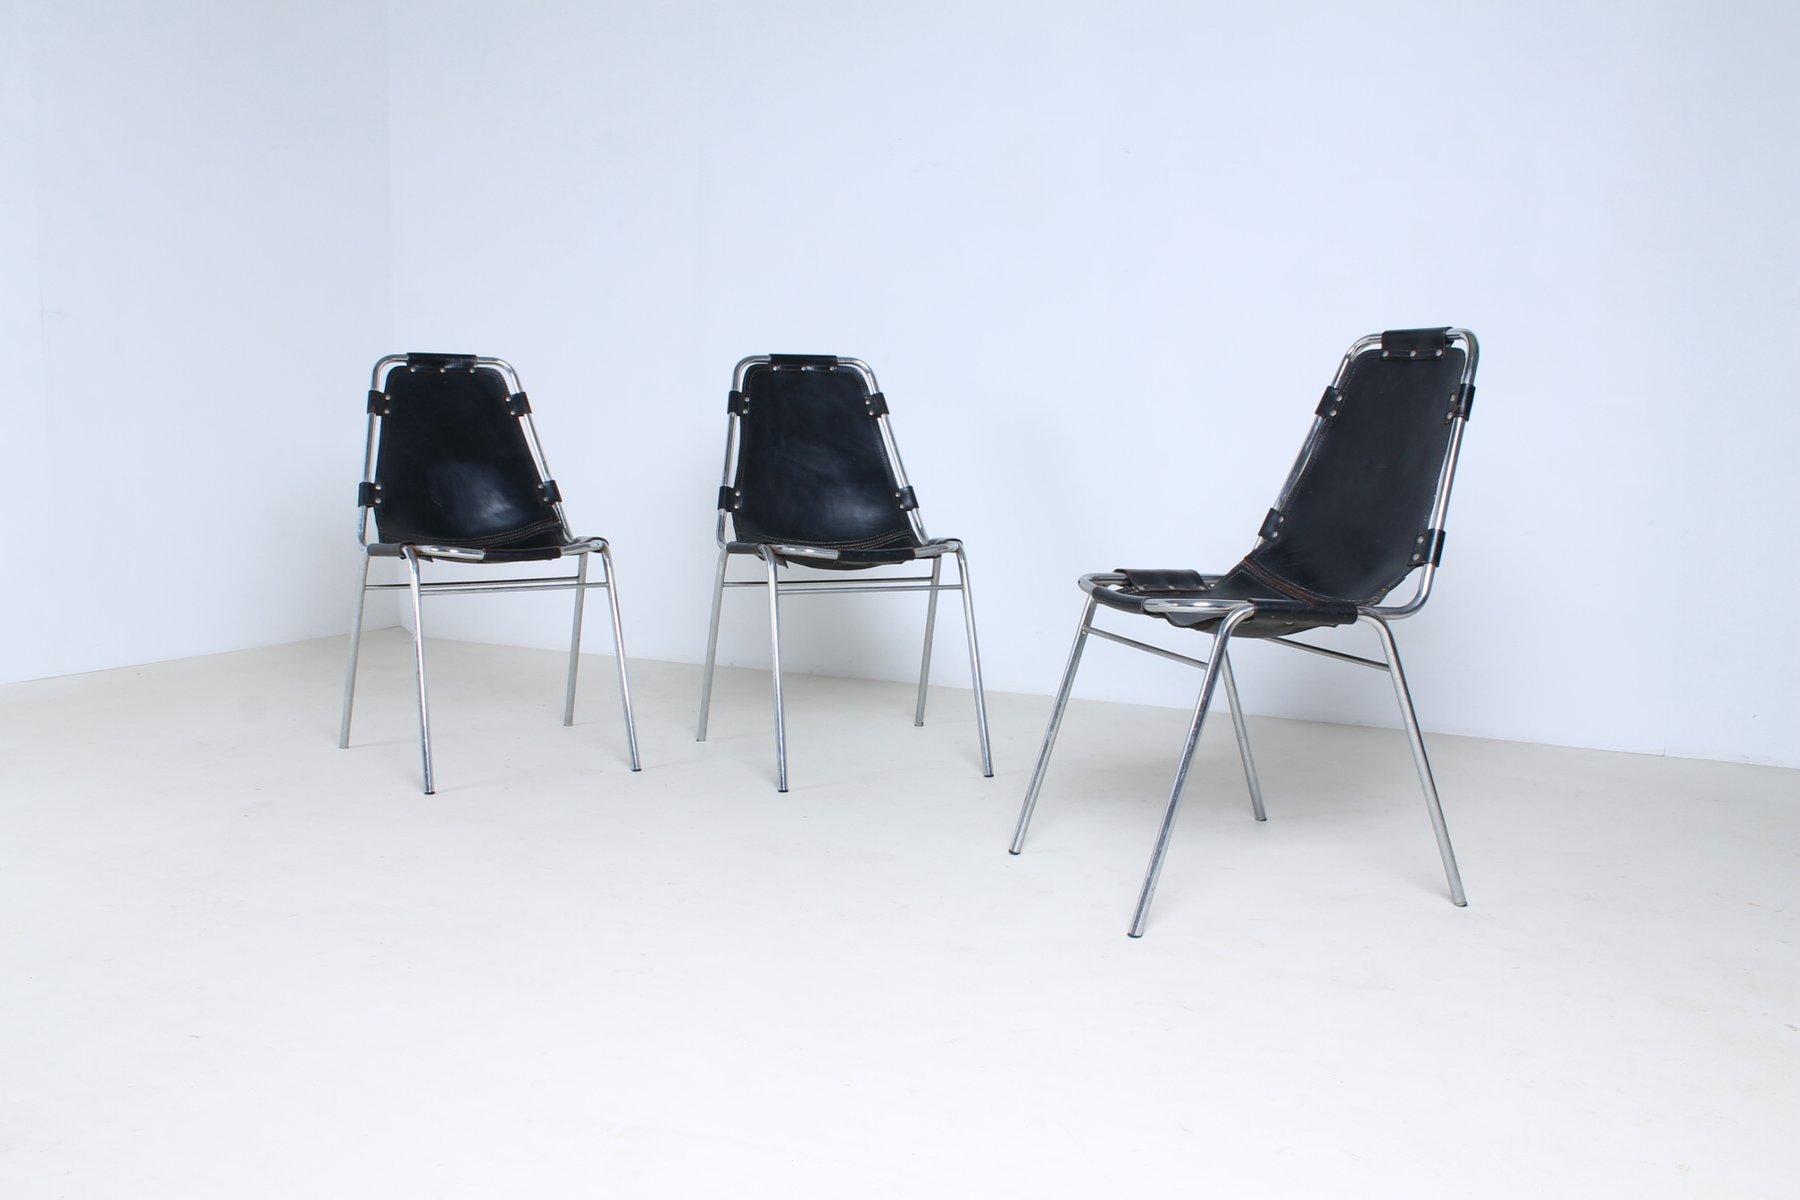 chaises les arcs en cuir par charlotte perriand set de 3 en vente sur pamono. Black Bedroom Furniture Sets. Home Design Ideas